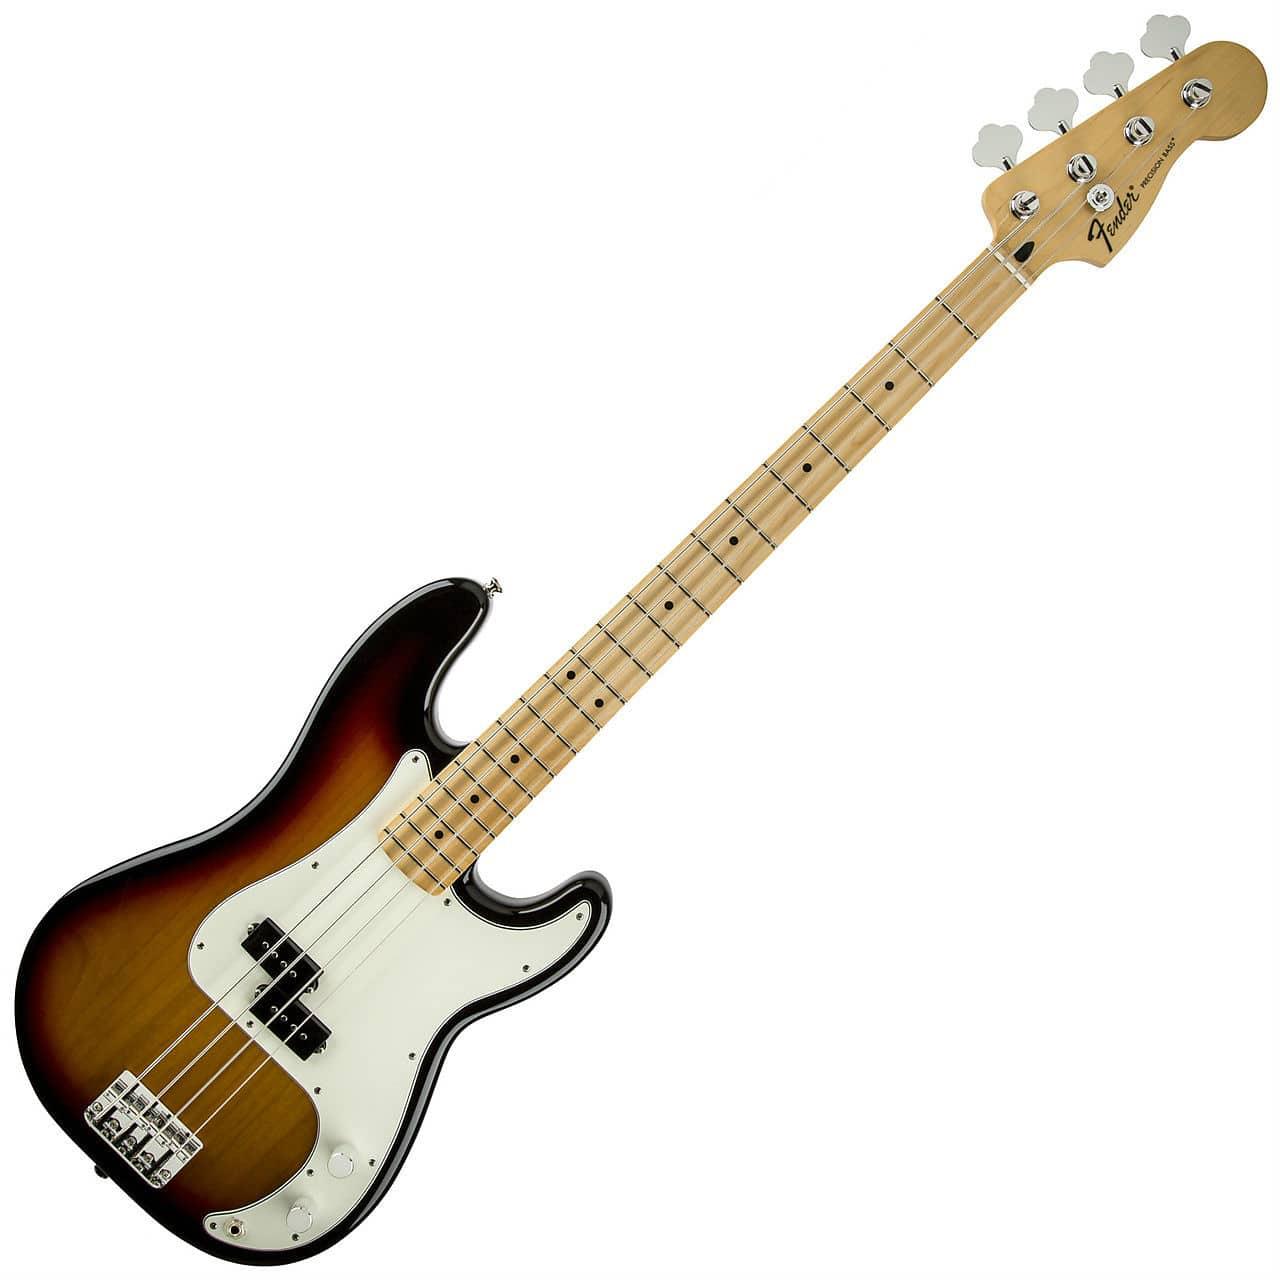 fender standard precision bass guitar maple brown sunburst reverb. Black Bedroom Furniture Sets. Home Design Ideas